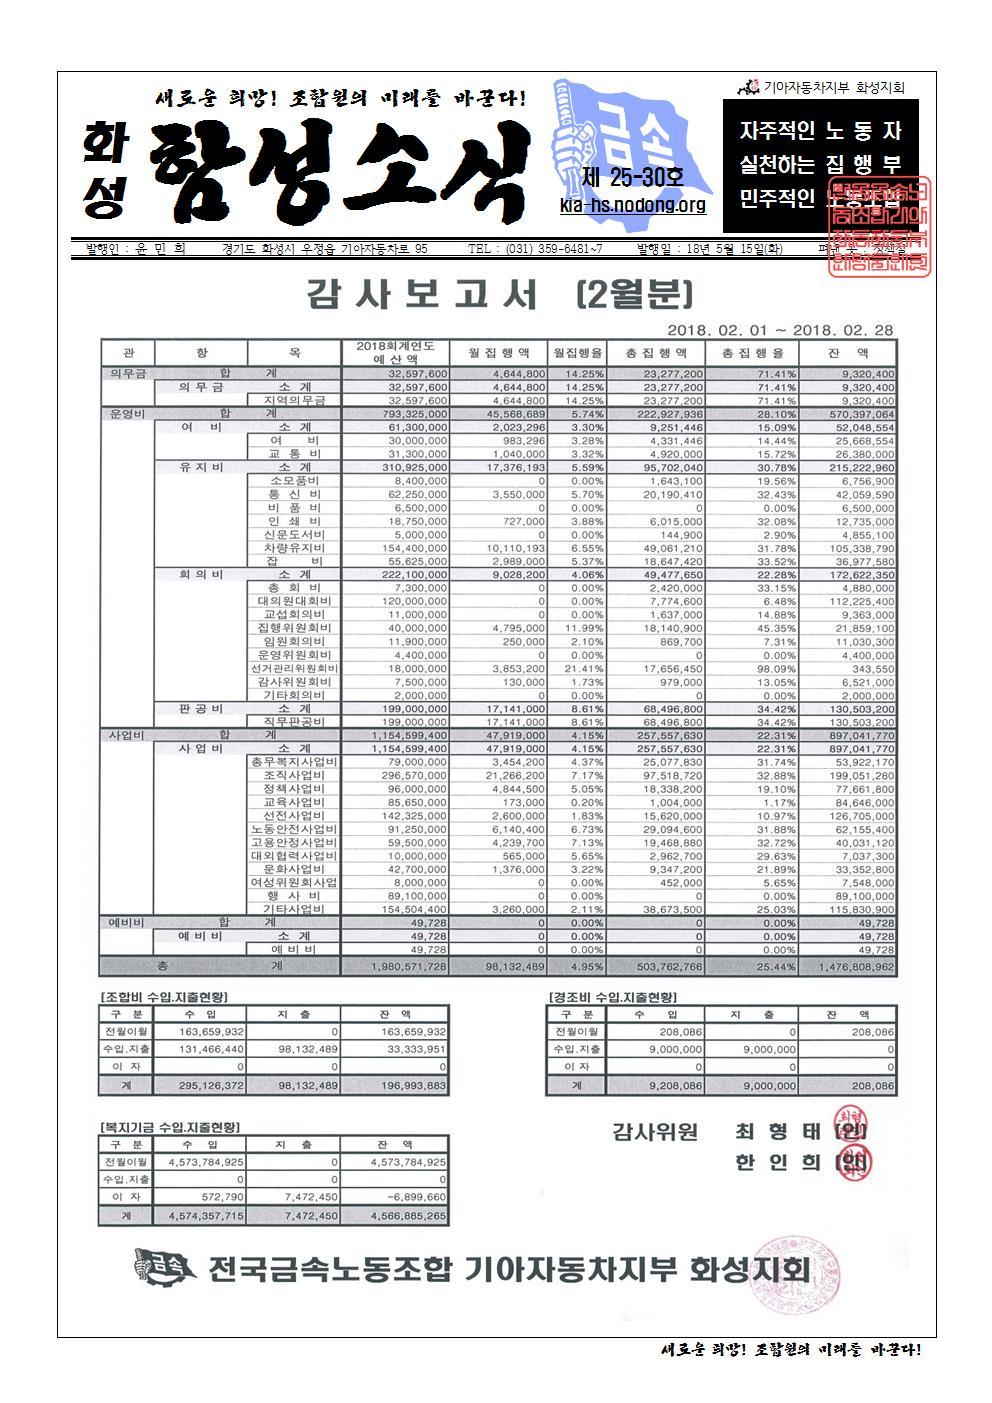 함성소식 25-30001.jpg